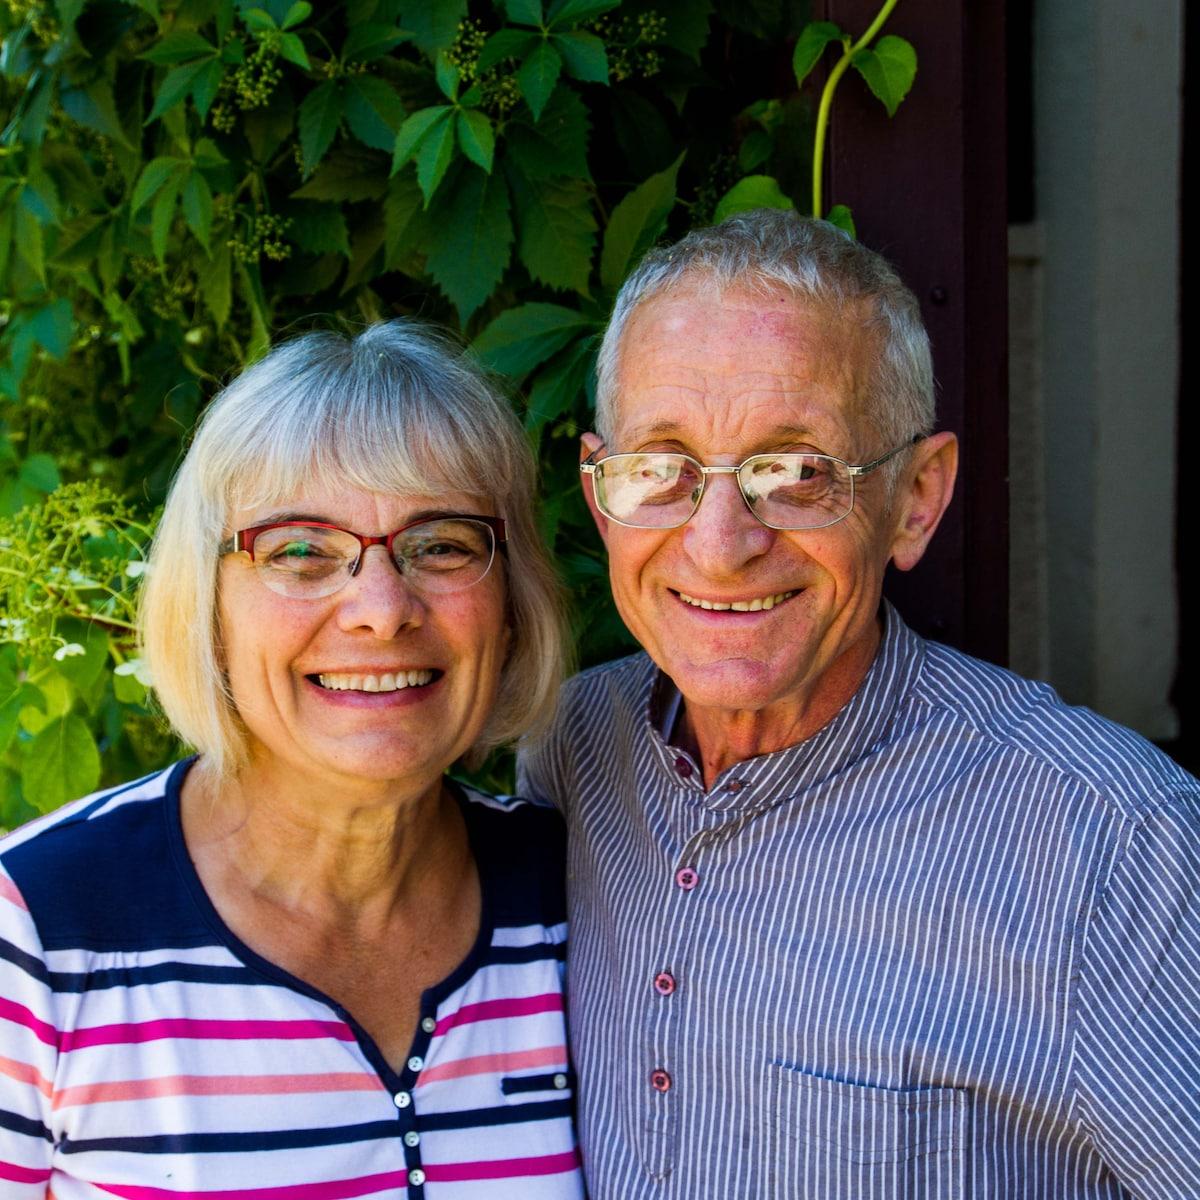 Couple de retraités aimant faire connaître toutes